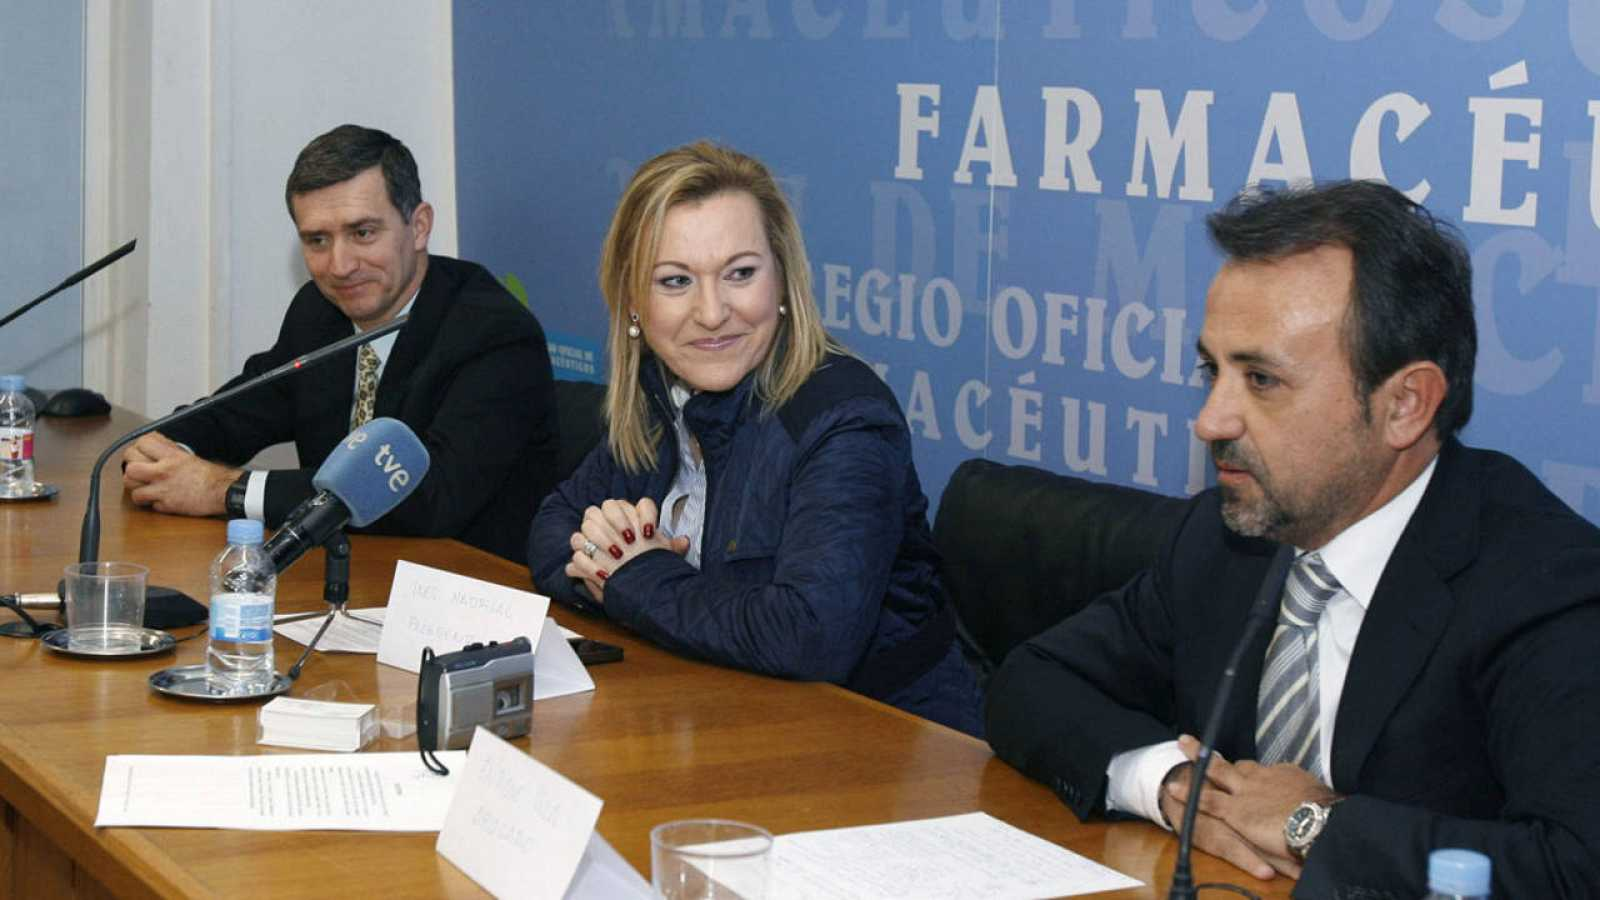 La presidenta de la Asociación de Bebés Robados en la Región de Murcia, Inés Madrigal